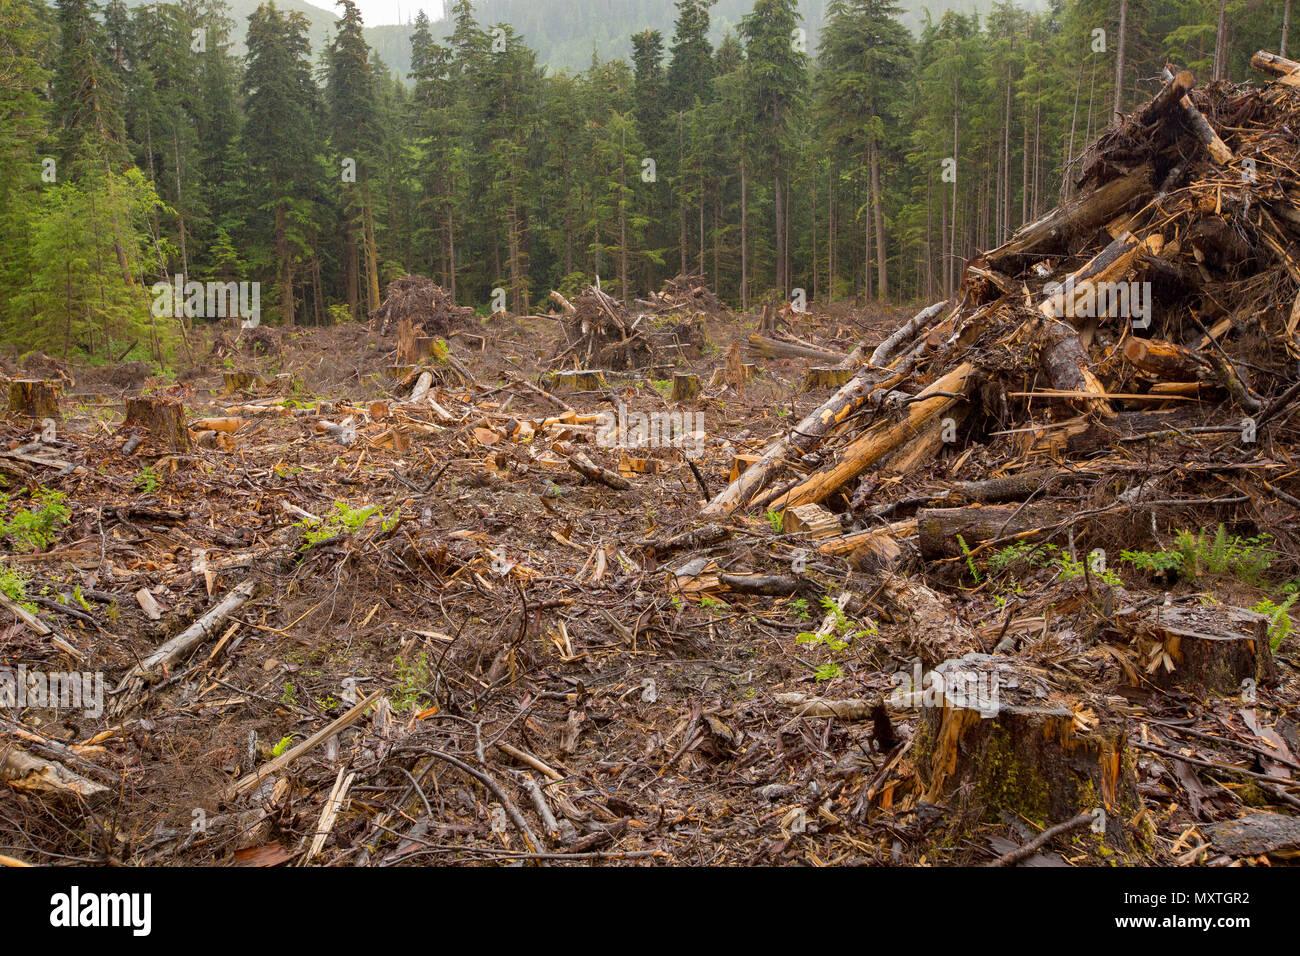 La deforestazione logging sull'Isola di Vancouver. Una chiara definizione degli alberi. British Columbia Canada. Immagini Stock